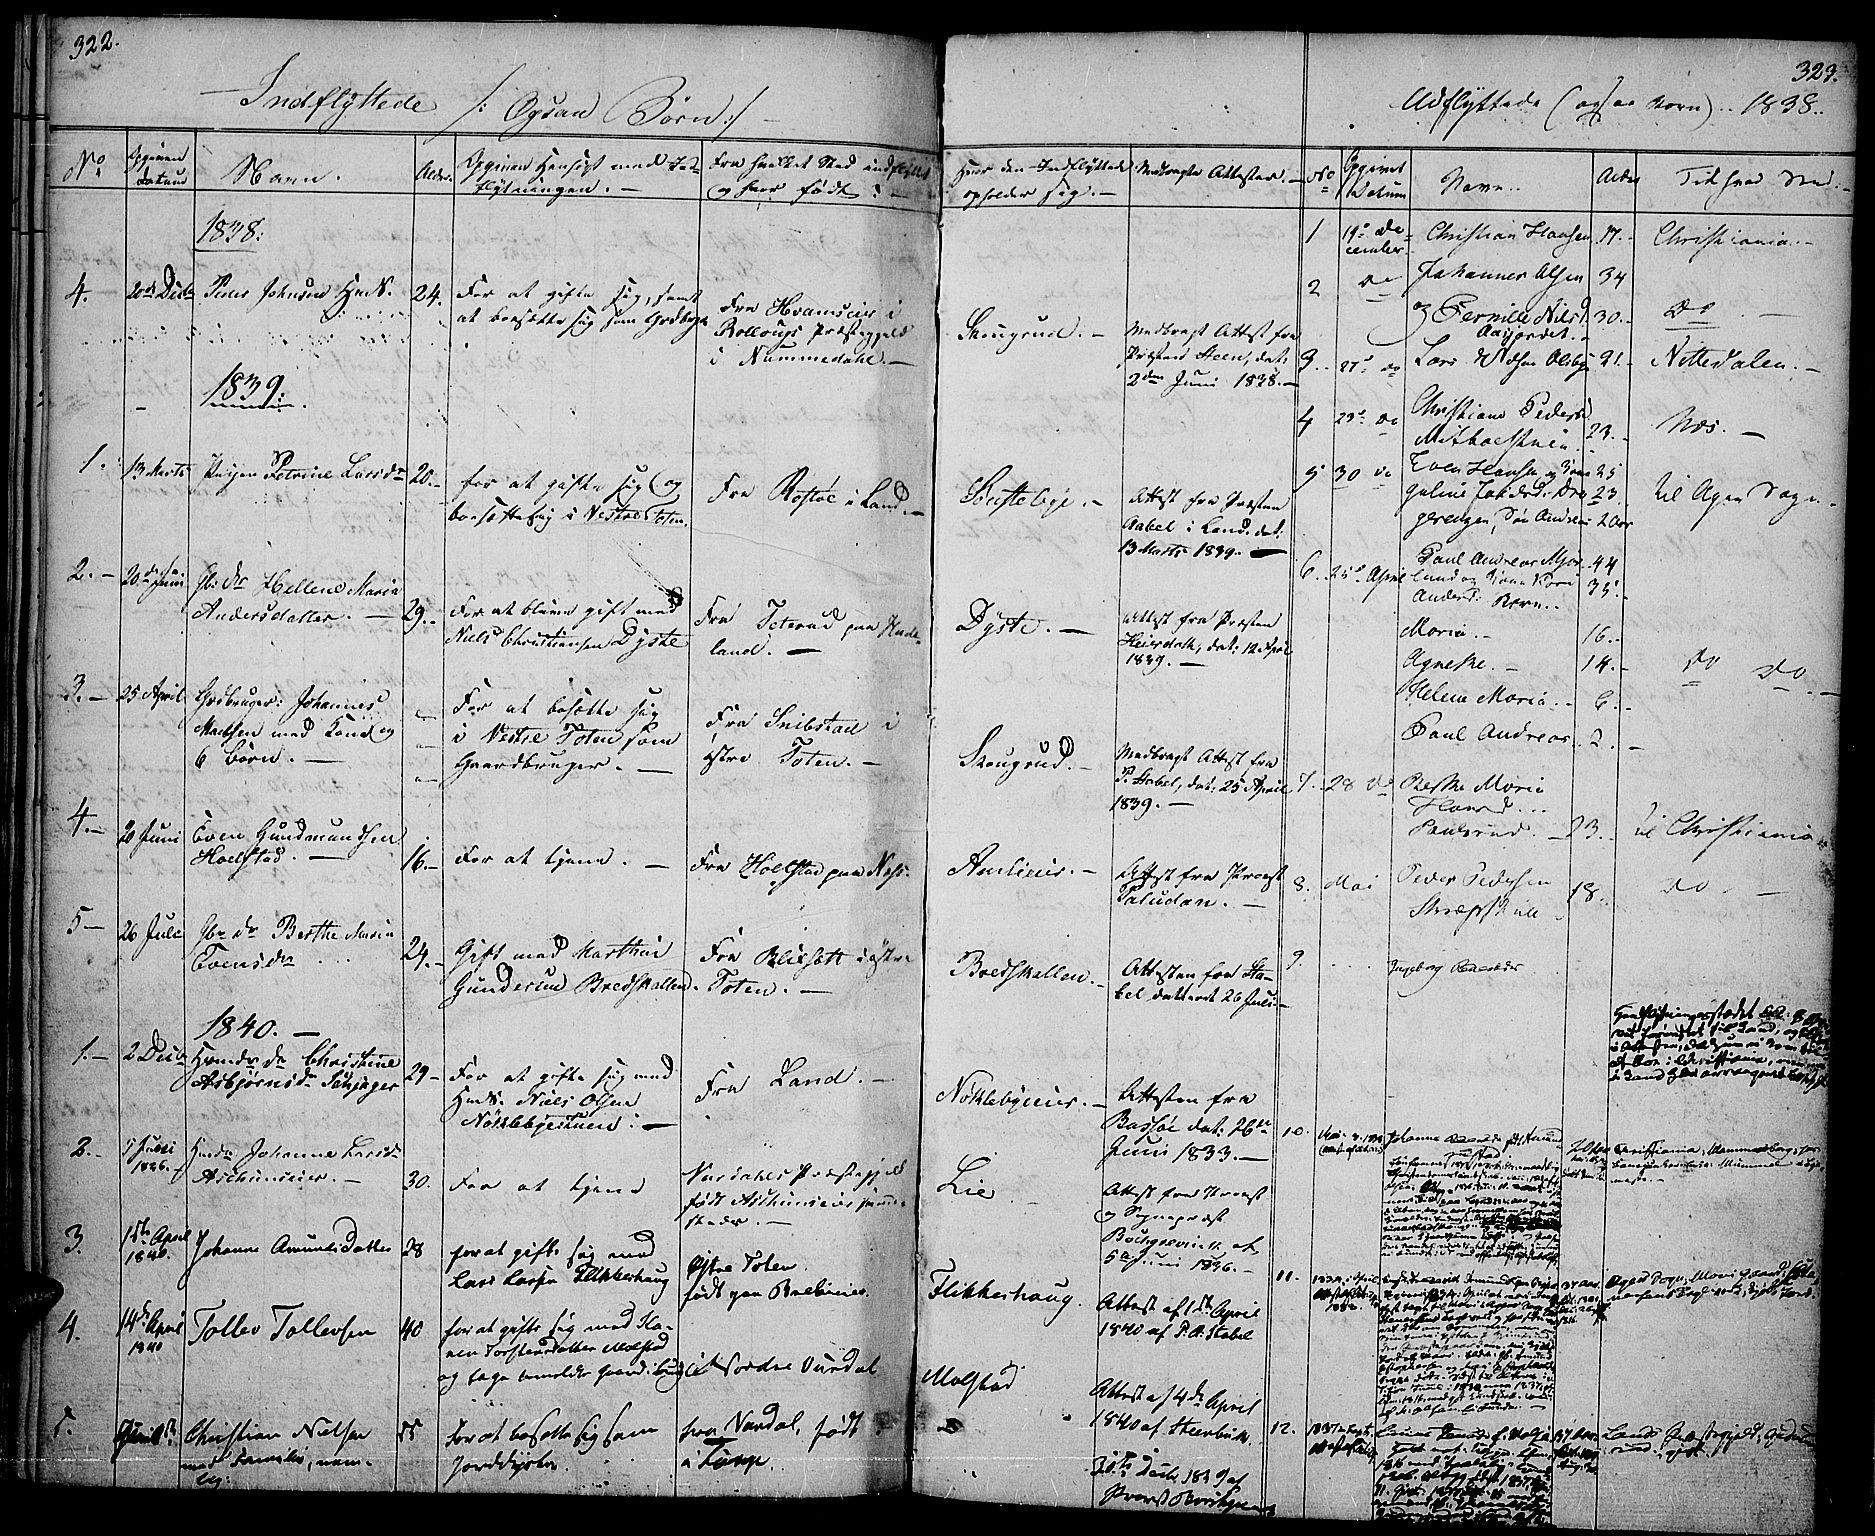 SAH, Vestre Toten prestekontor, Ministerialbok nr. 3, 1836-1843, s. 322-323